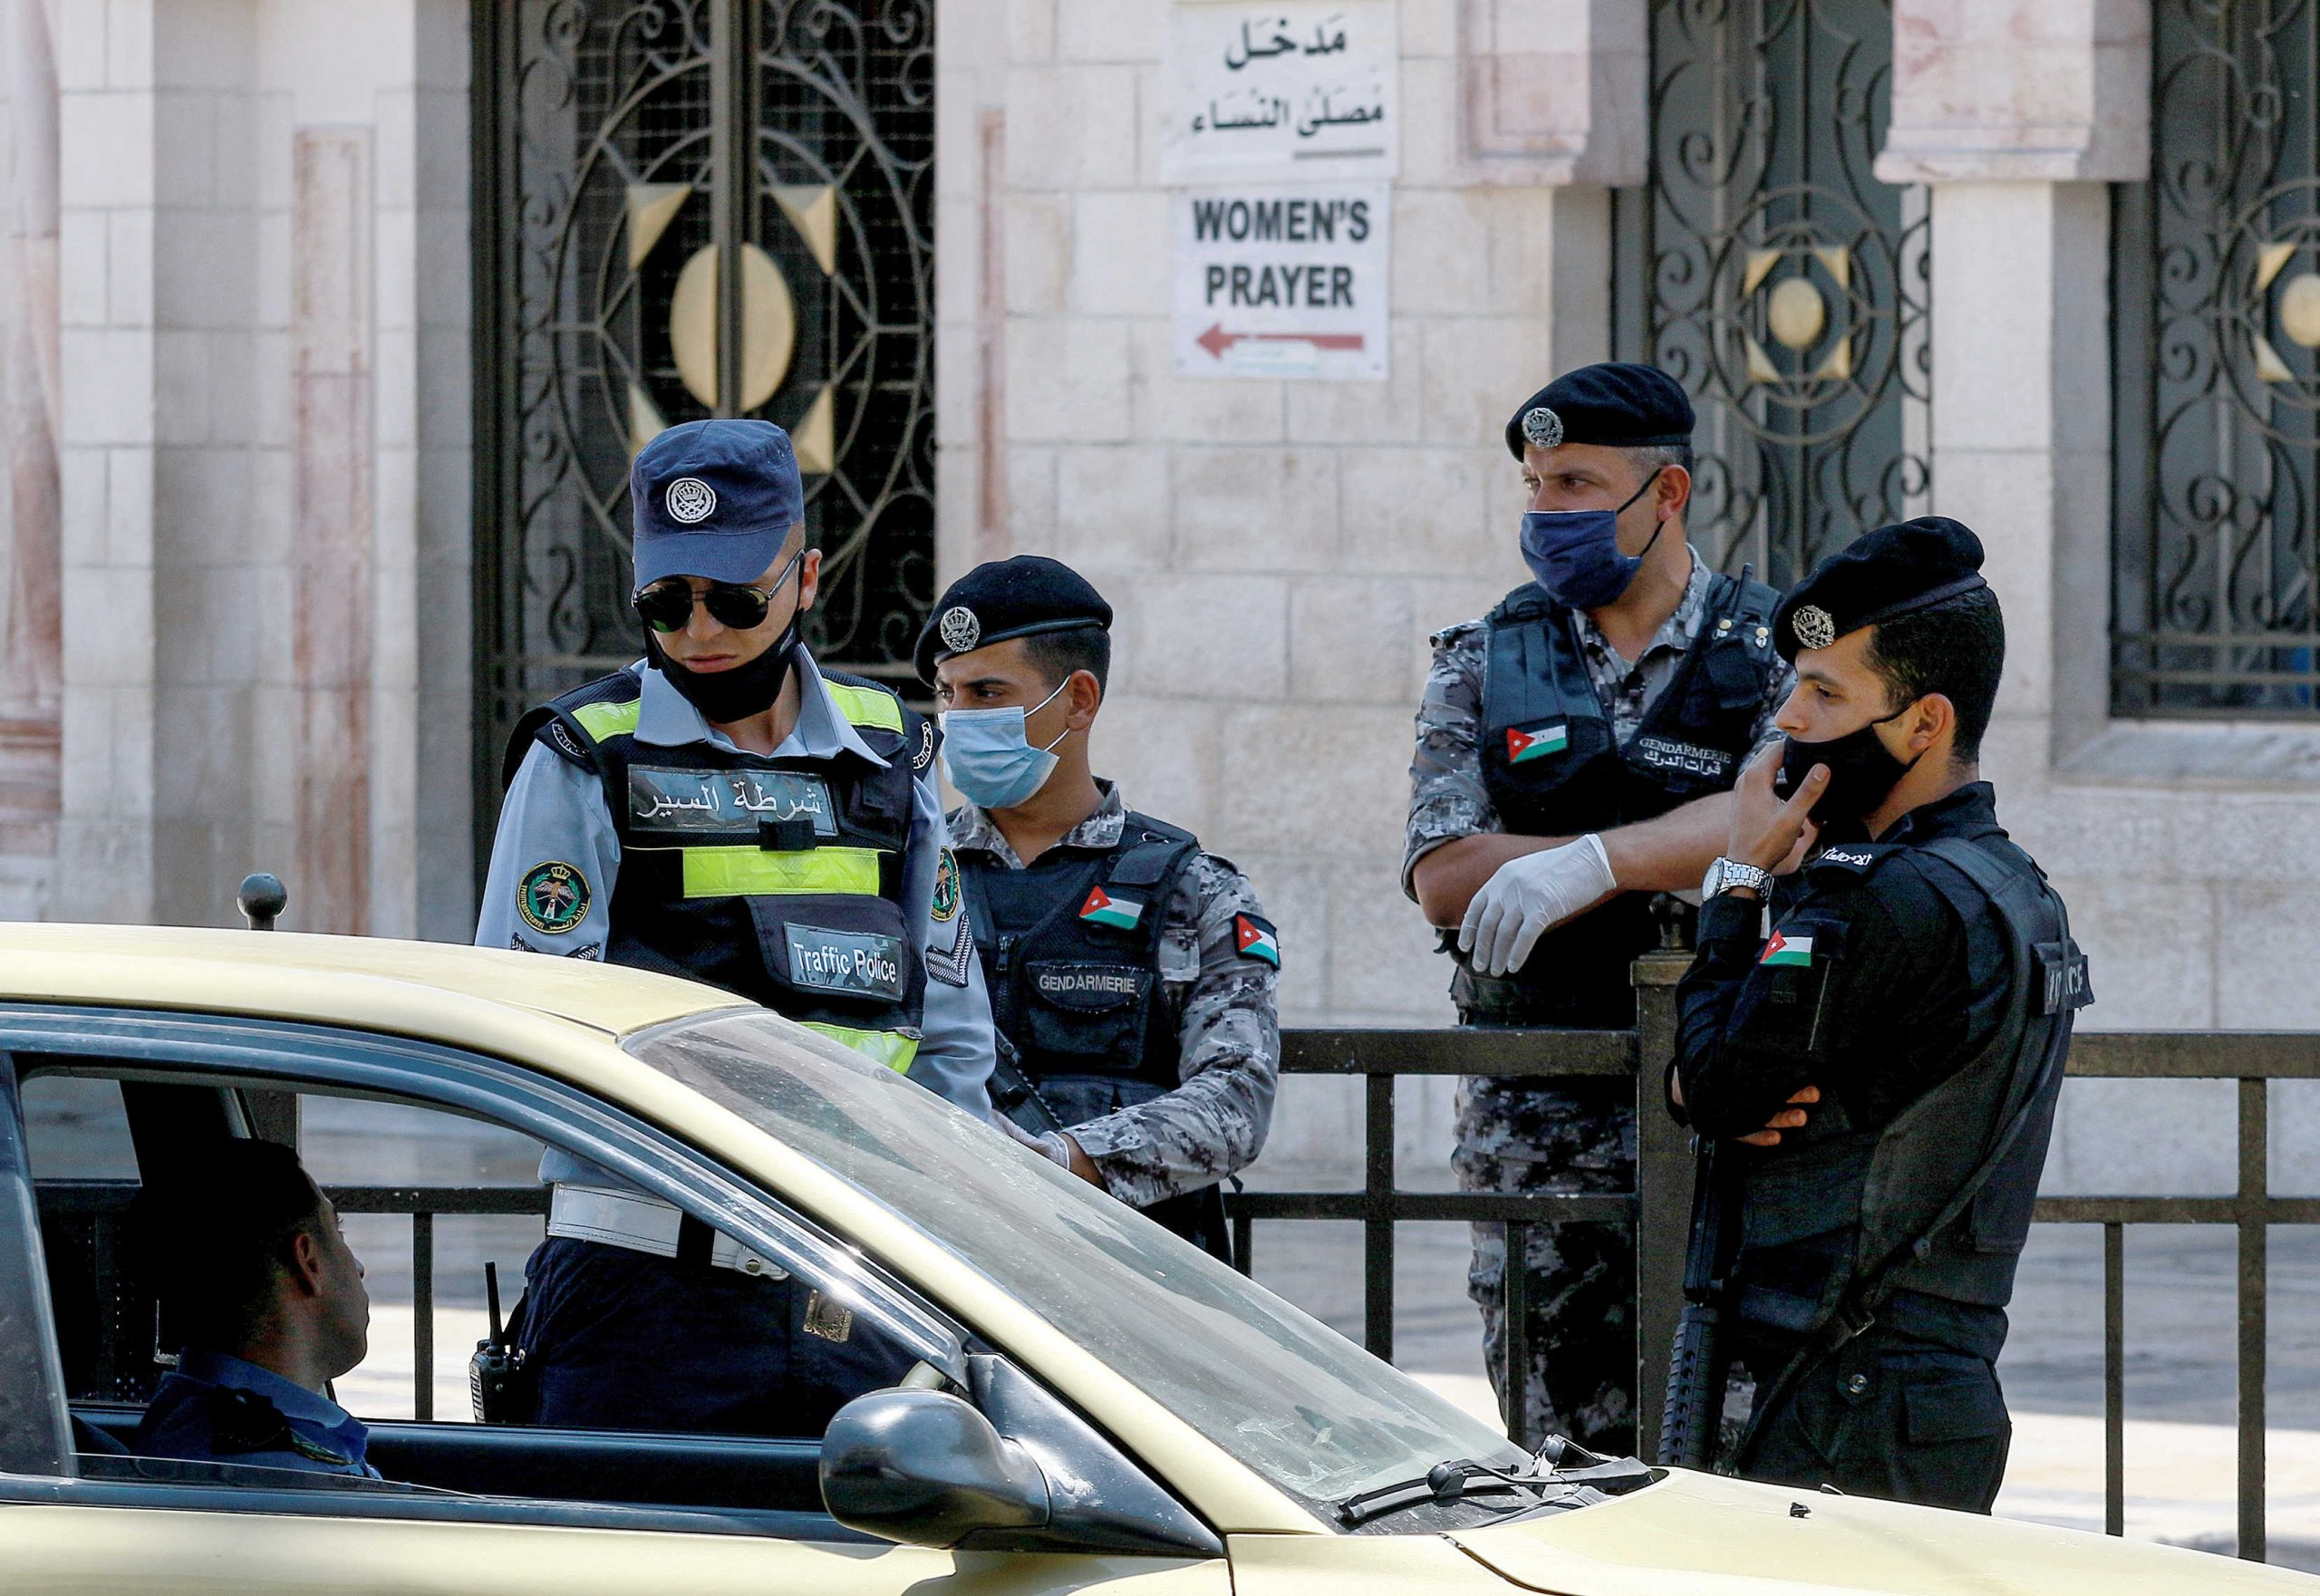 الحكومة الأردنية ترفع حظر التجول يوم الجمعة وتتيح صلاة عيد الفطر  بالساحات